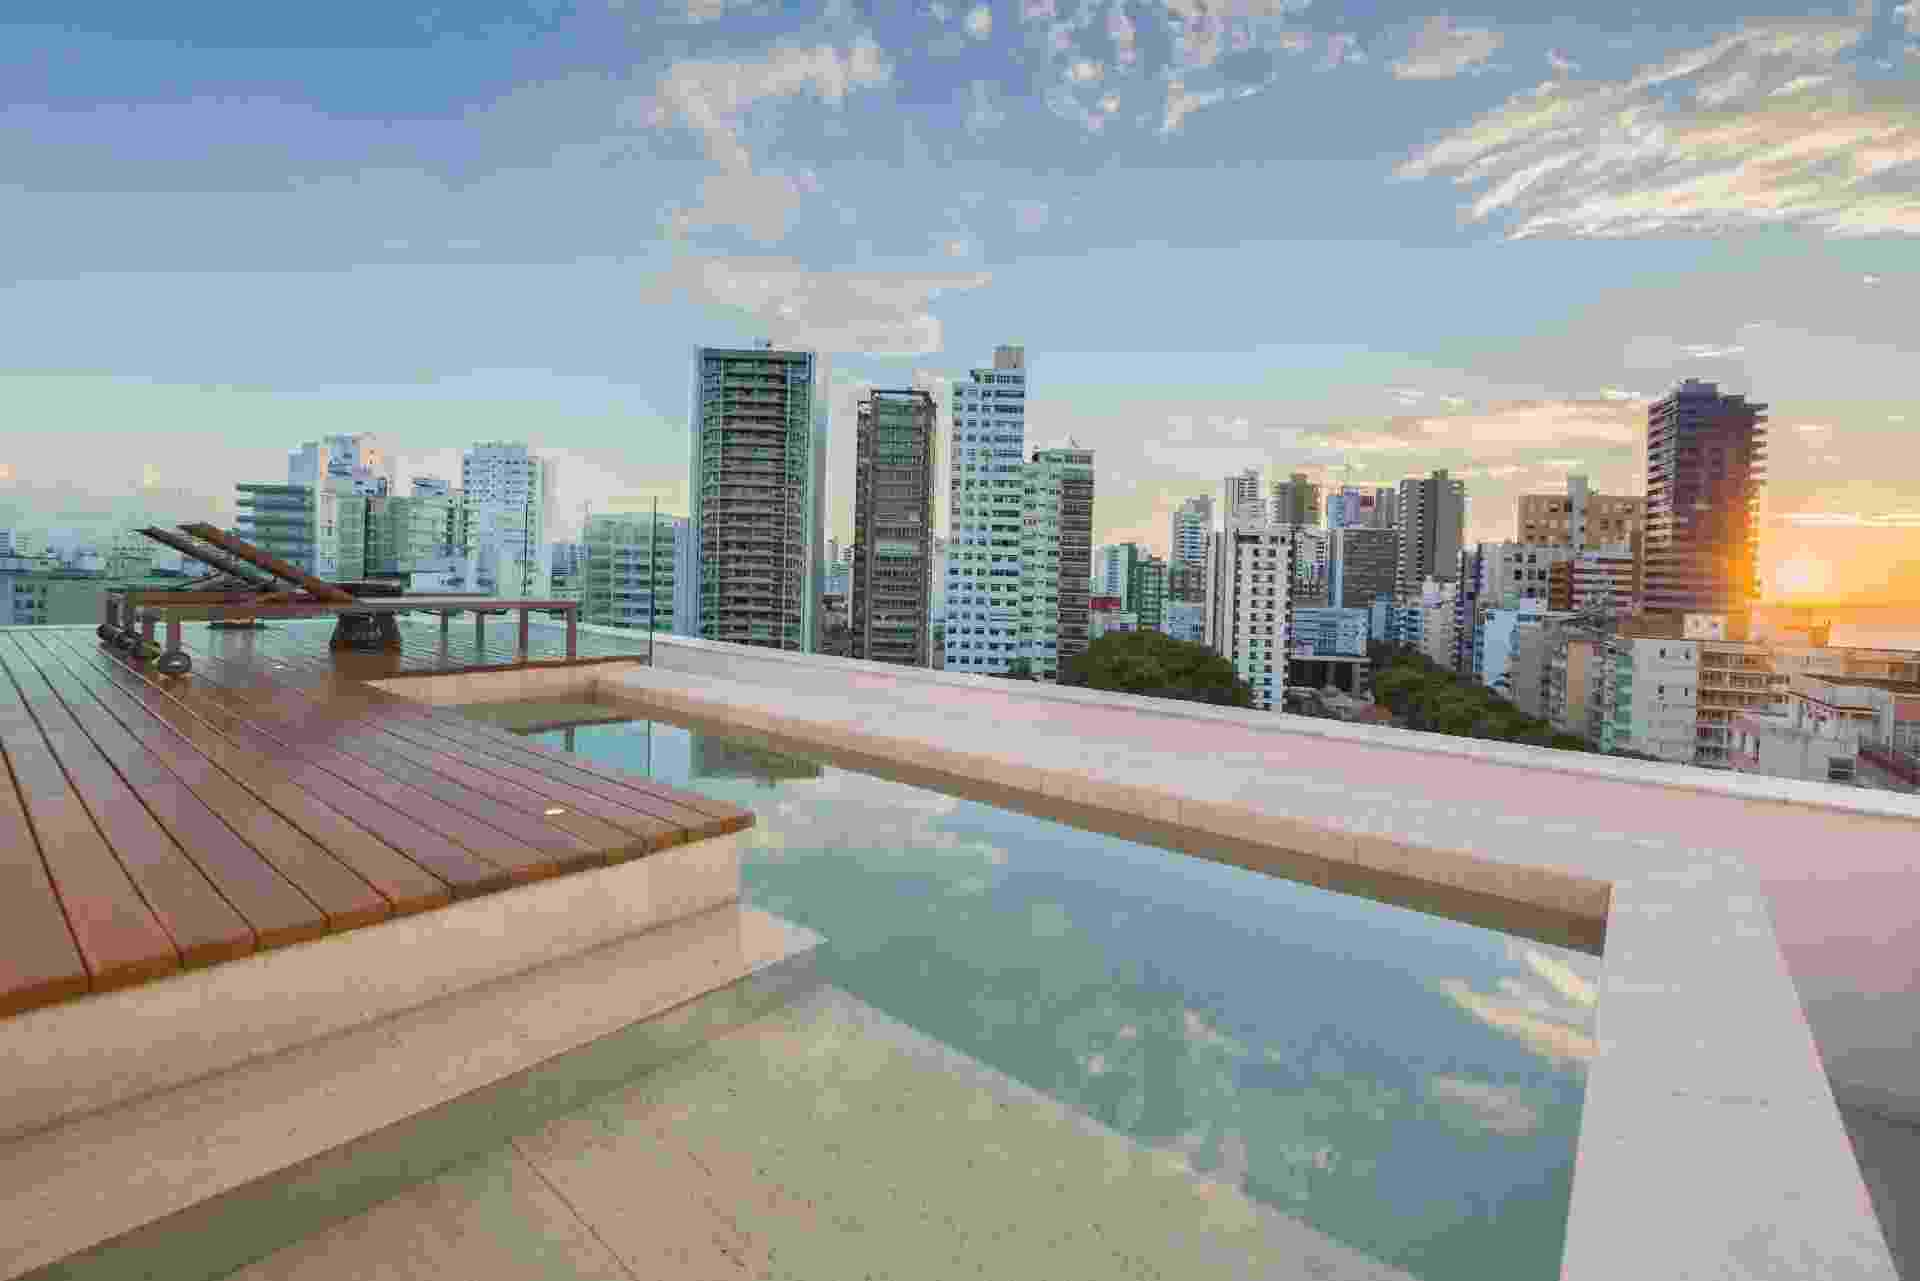 Piscina privativa e de borda infinita da suíte presidencial do hotel Sheraton da Bahia - Divulgação